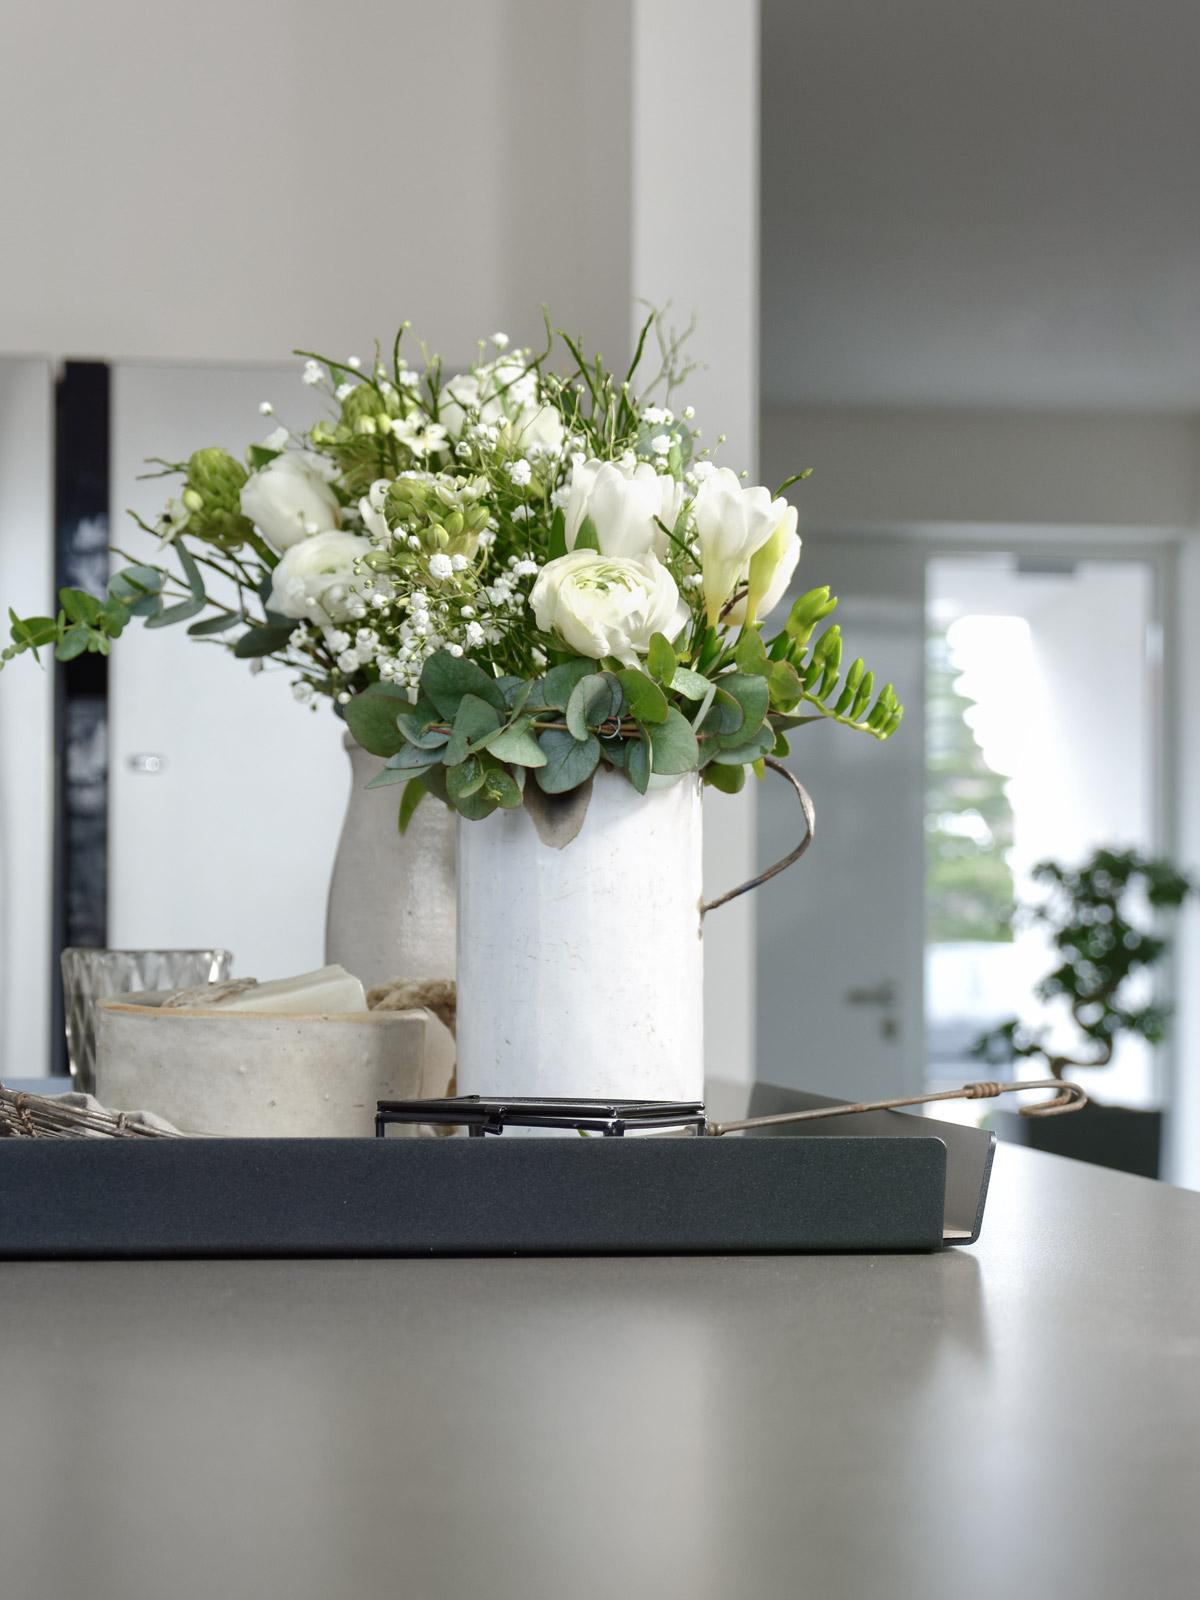 Dekoration praktisches Tablett für die Kücheninsel mxliving